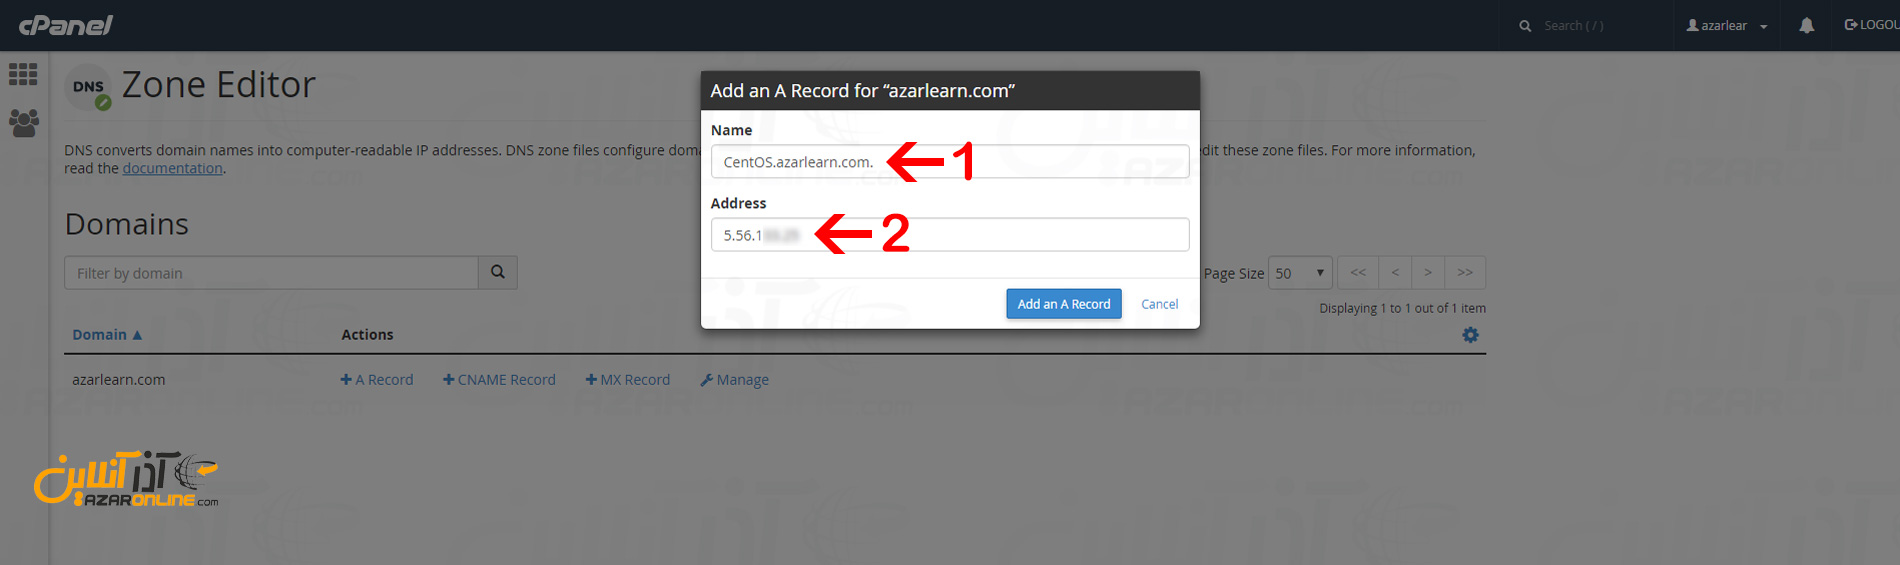 وارد کردن اطلاعات برای ساخت رکورد A